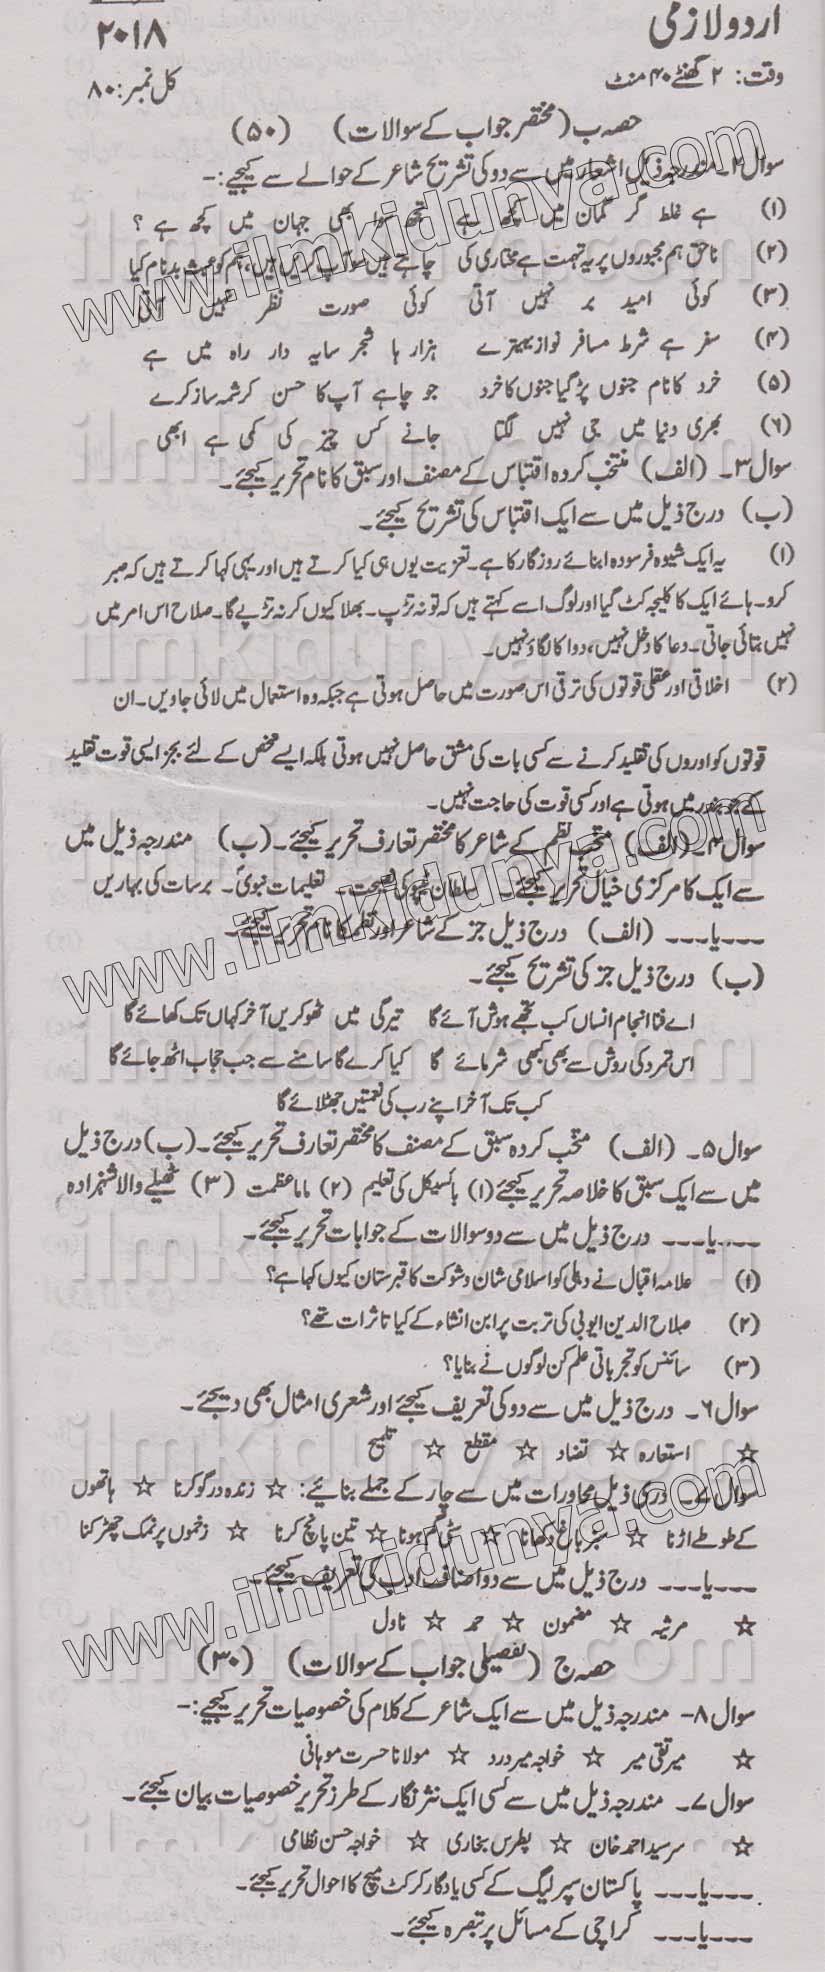 past paper 2018 karachi board inter part I urdu compulsory